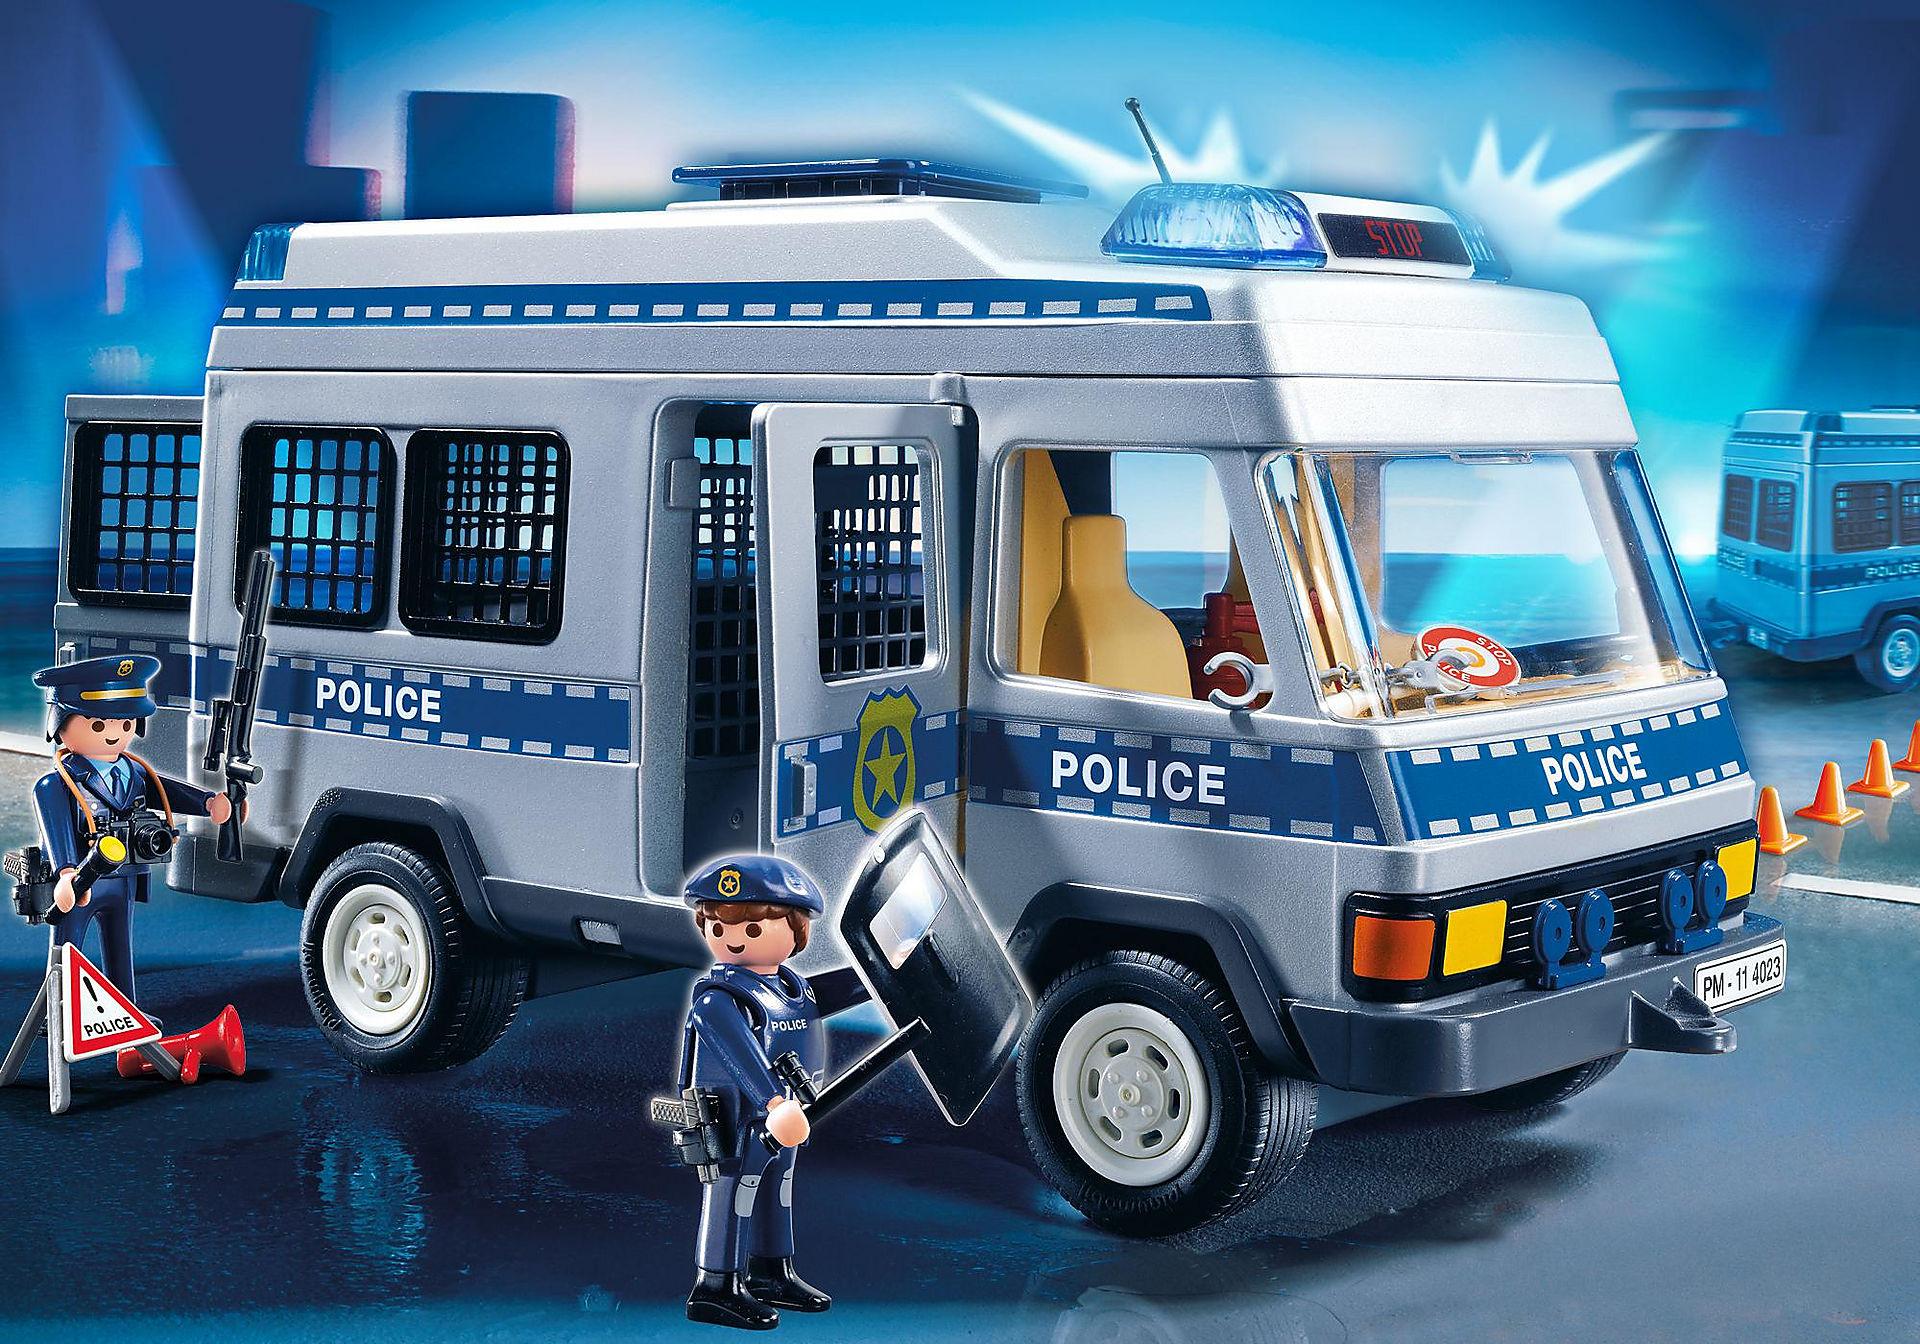 4023 Mobiele politie eenheid zoom image1